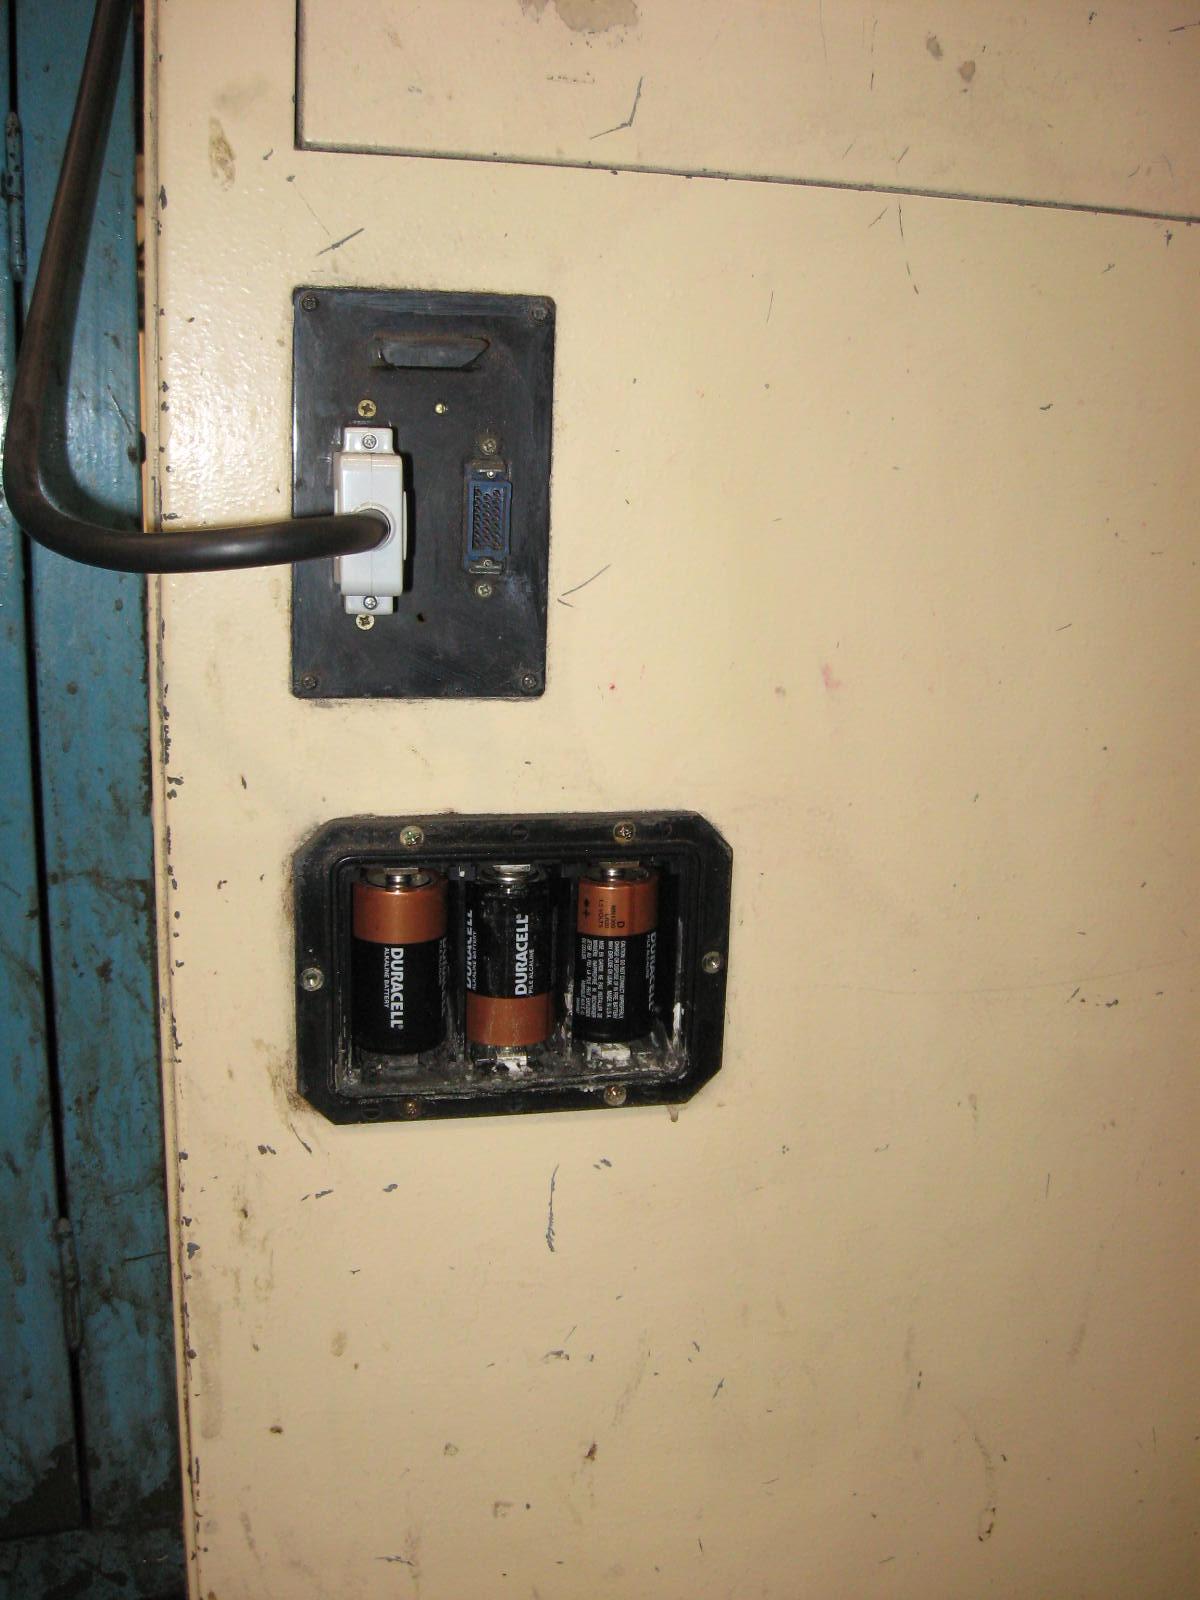 Strippit_Fanuc_OP_Control_Battery_Problem